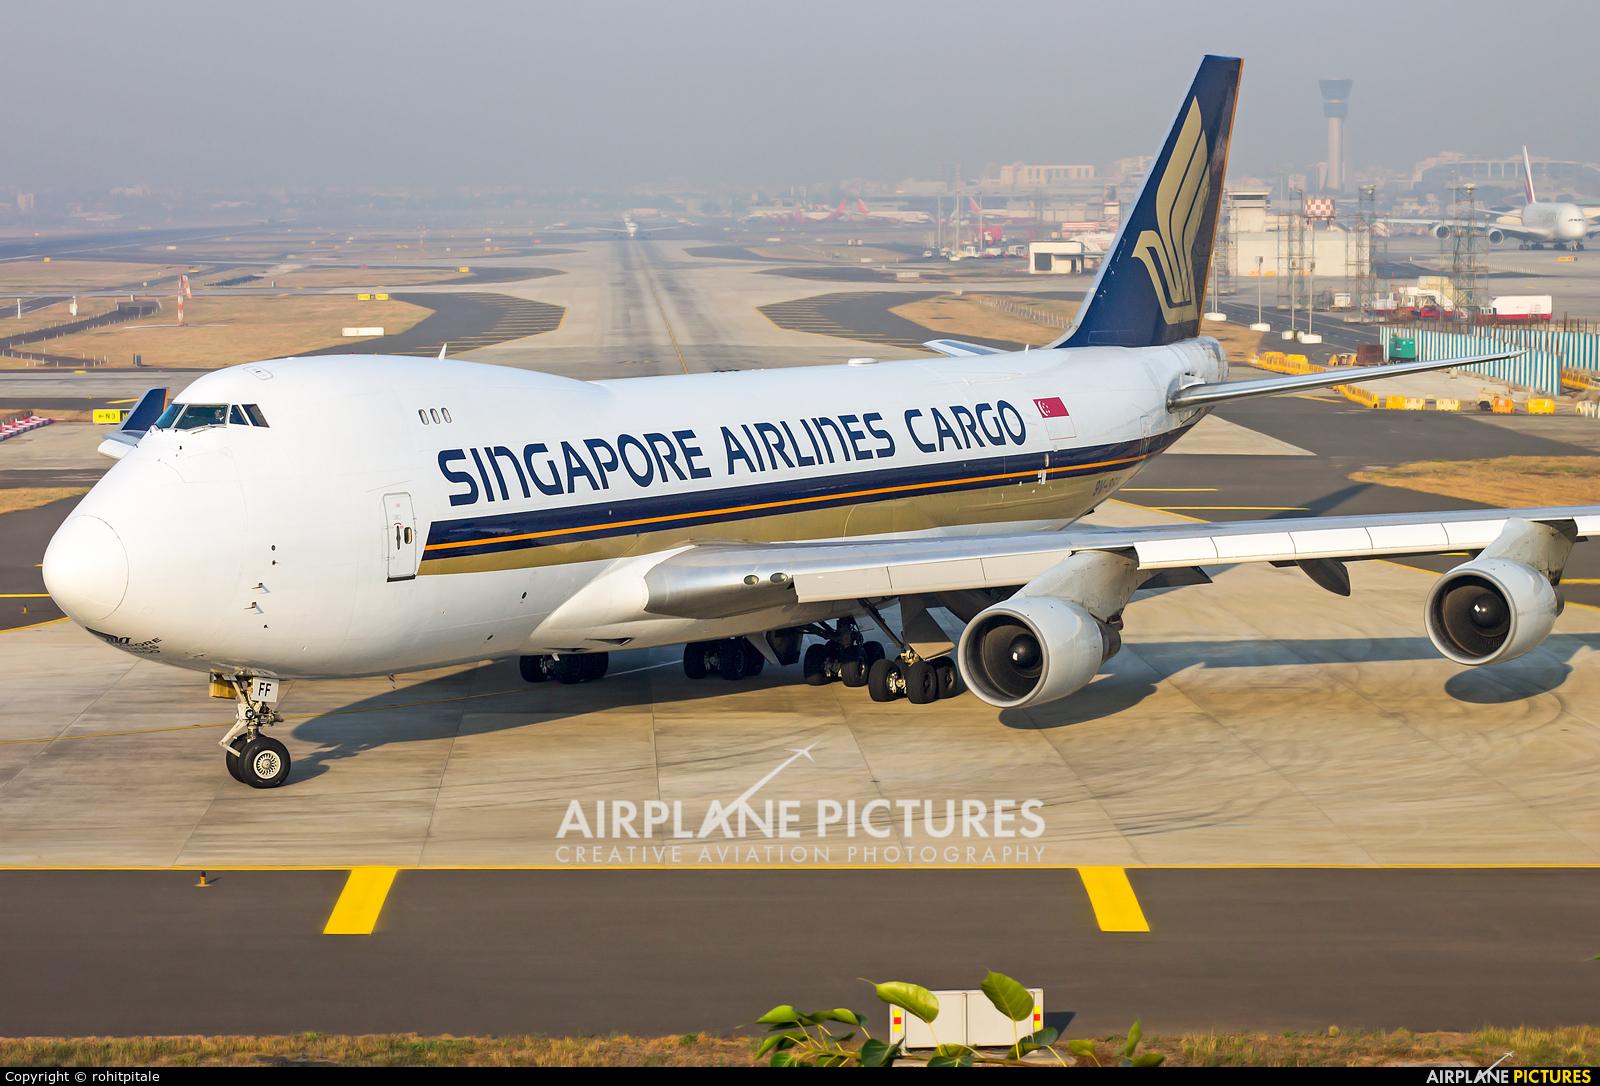 Singapore Airlines Cargo 9V-SFF aircraft at Mumbai - Chhatrapati Shivaji Intl